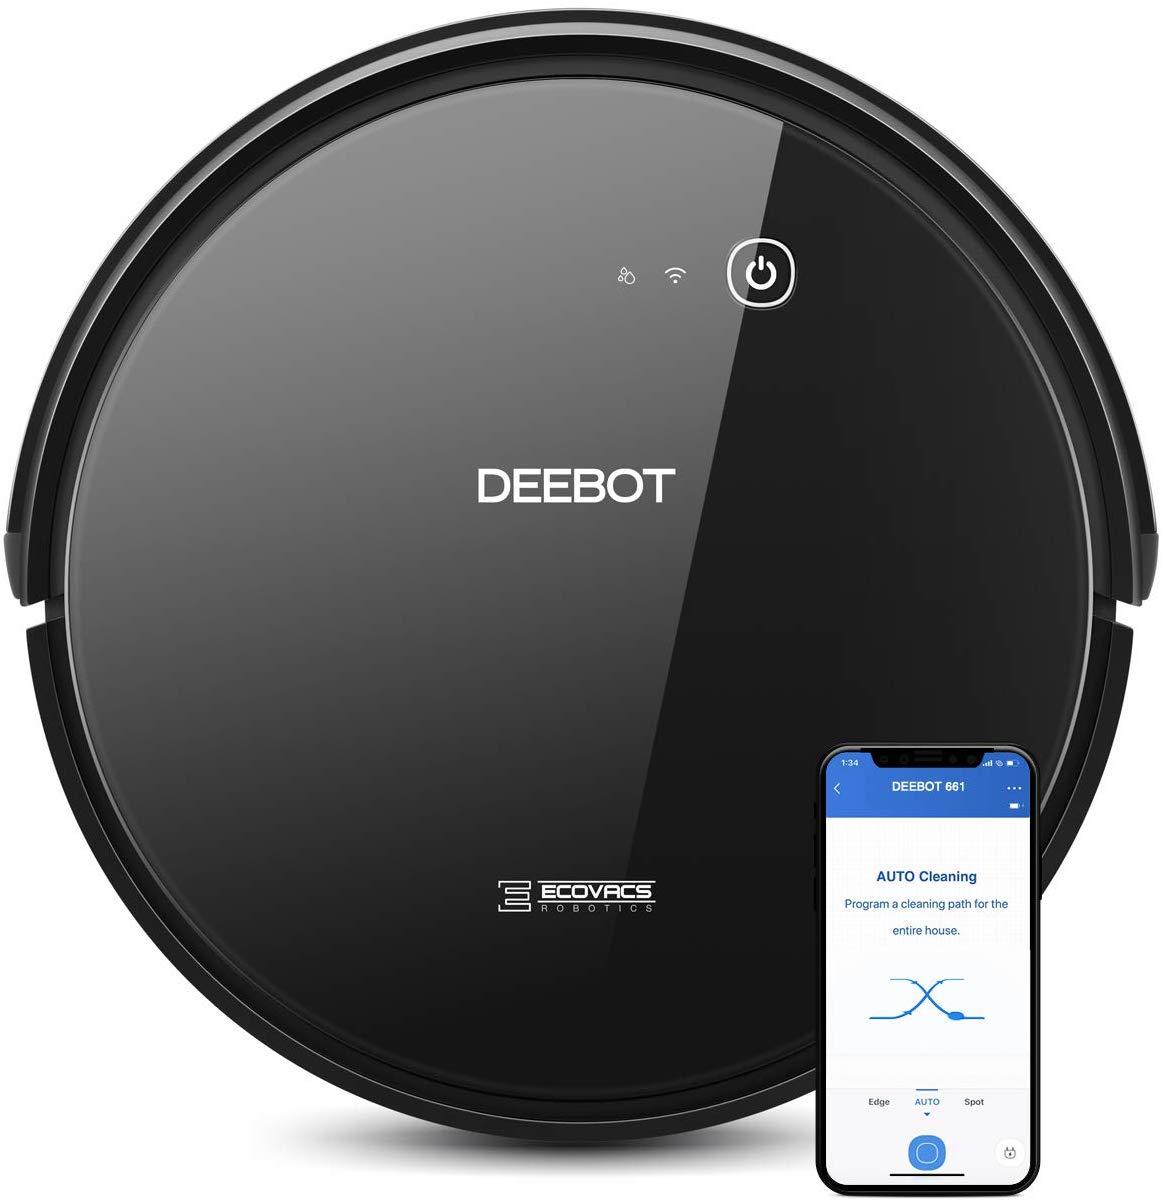 ECOVACS DEEBOT 661 Convertible Vacuum Cleaner App Control